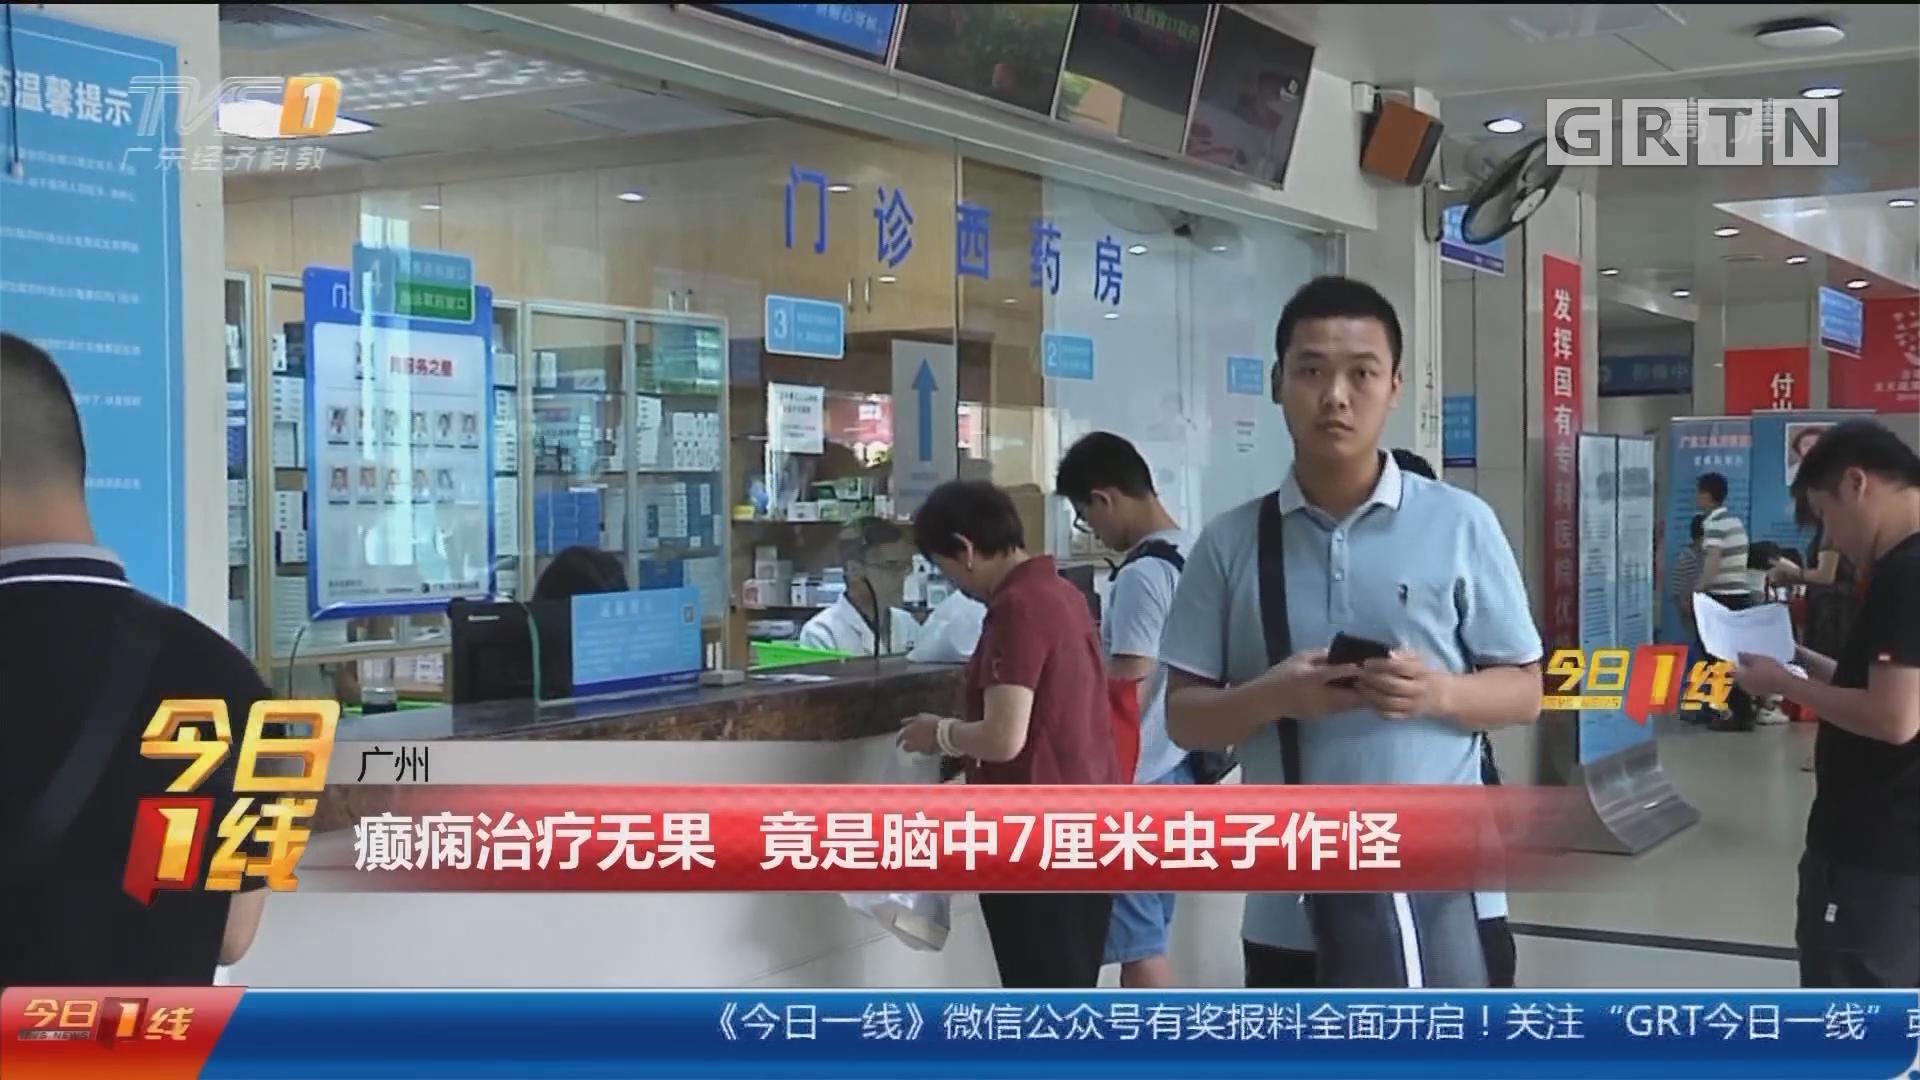 广州:癫痫治疗无果 竟是脑中7厘米虫子作怪